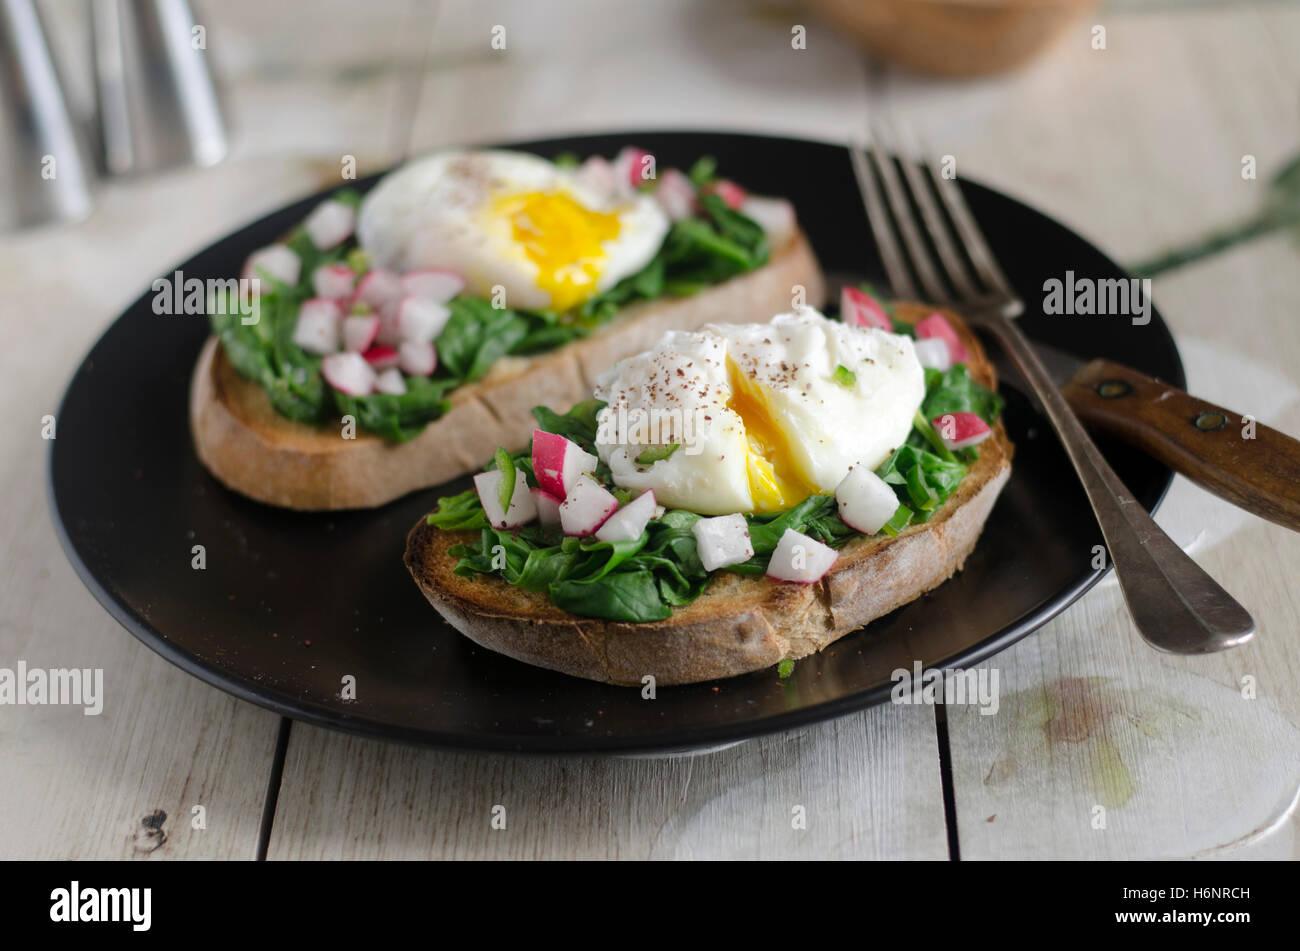 Au levain grillé aux épinards et oeuf poché Photo Stock